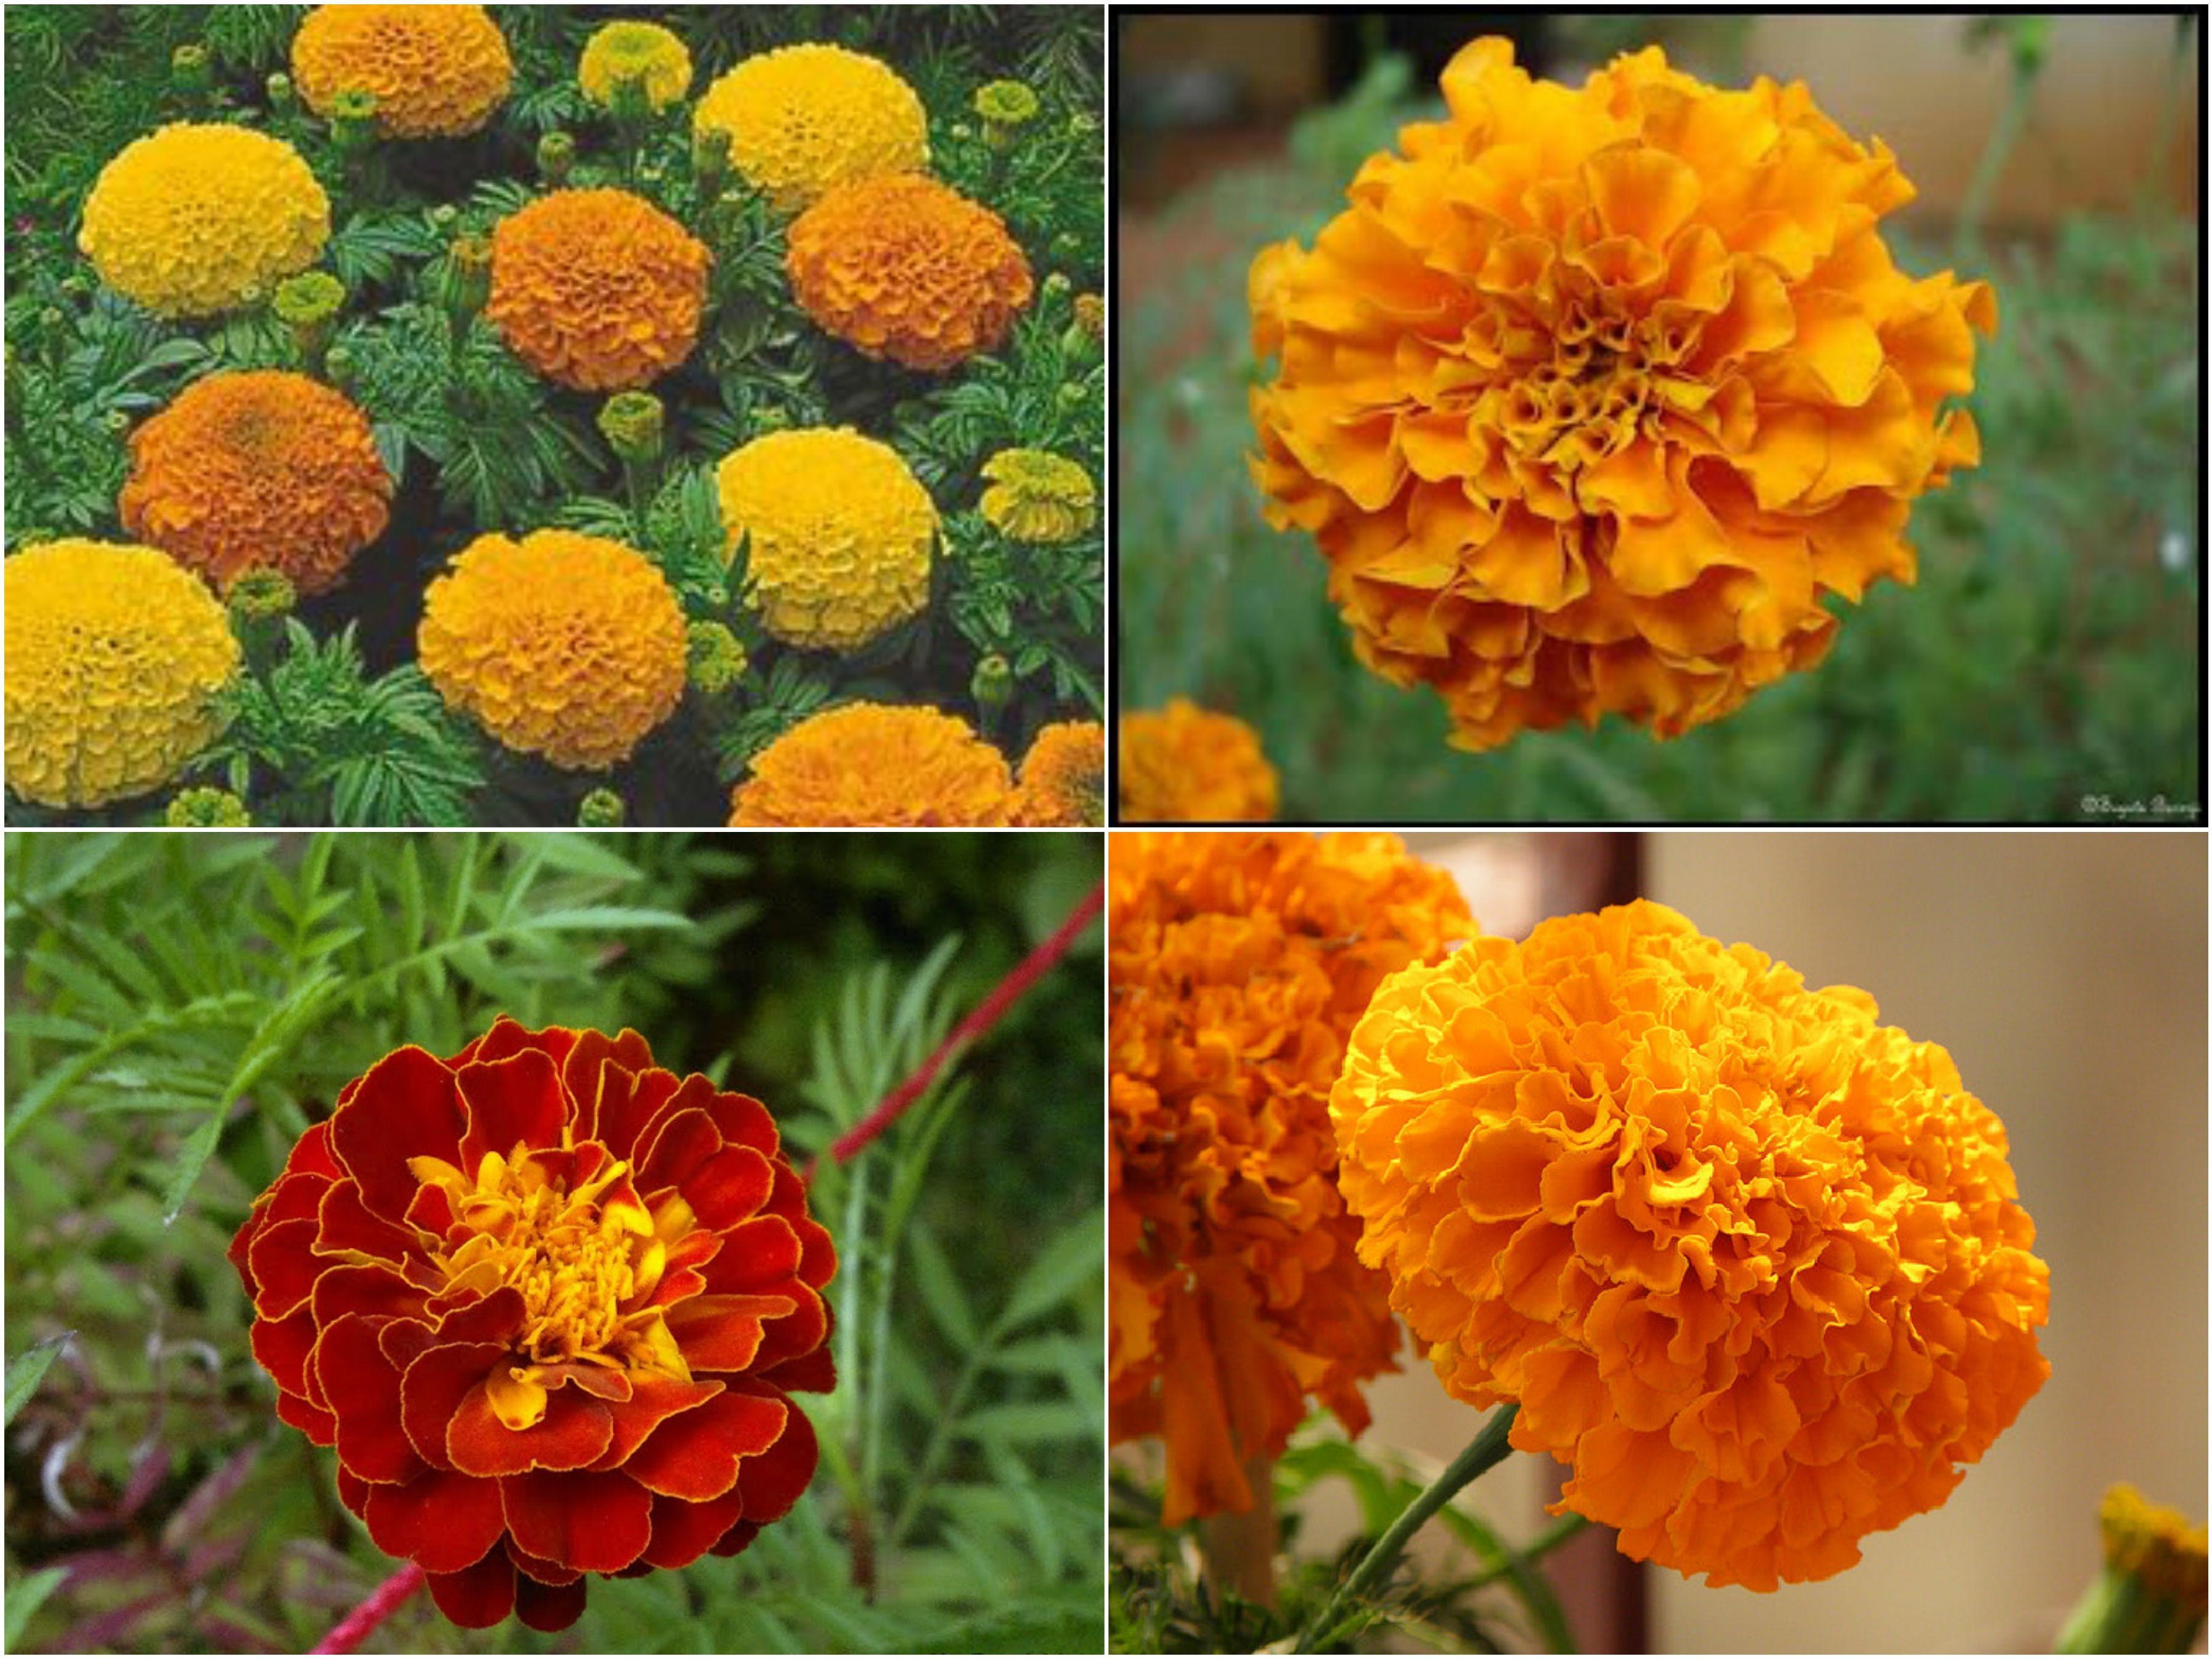 Genda Flower Marigold